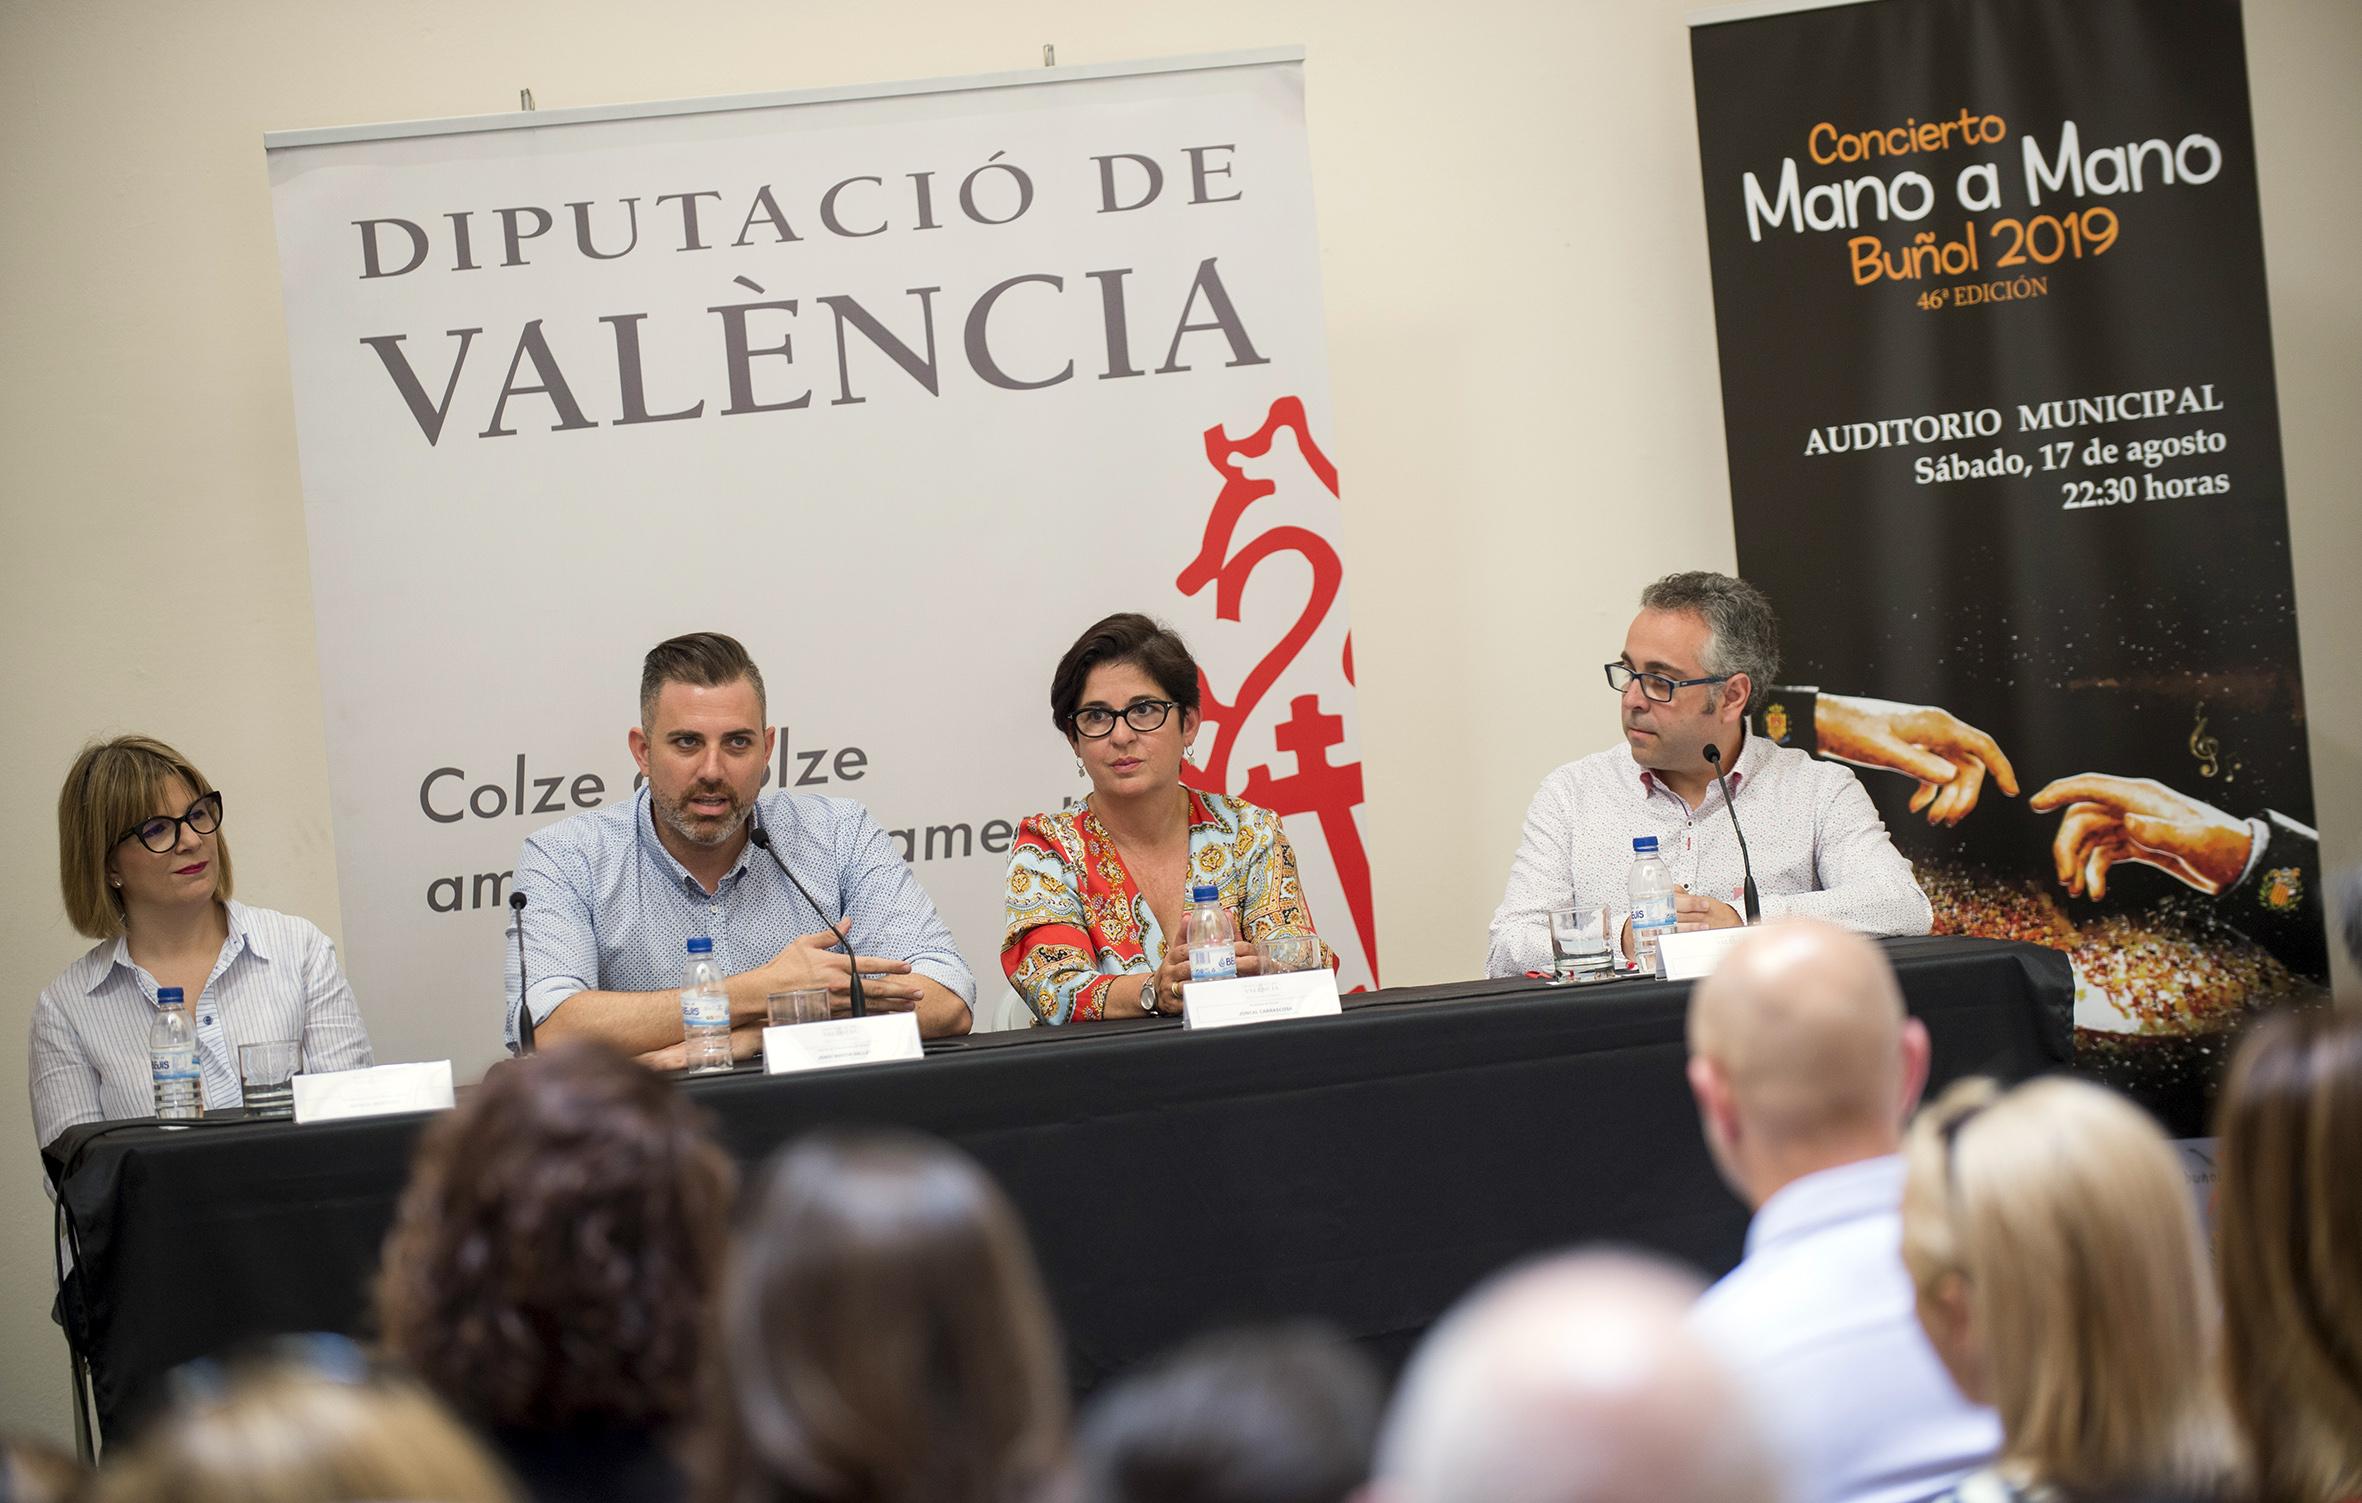 El presidente de la corporación provincial, Toni Gaspar, y el diputado de Bandas de Música, Jordi Mayor, dan la bienvenida a los protagonistas de un evento que tendrá lugar el 17 de agosto en Buñol.